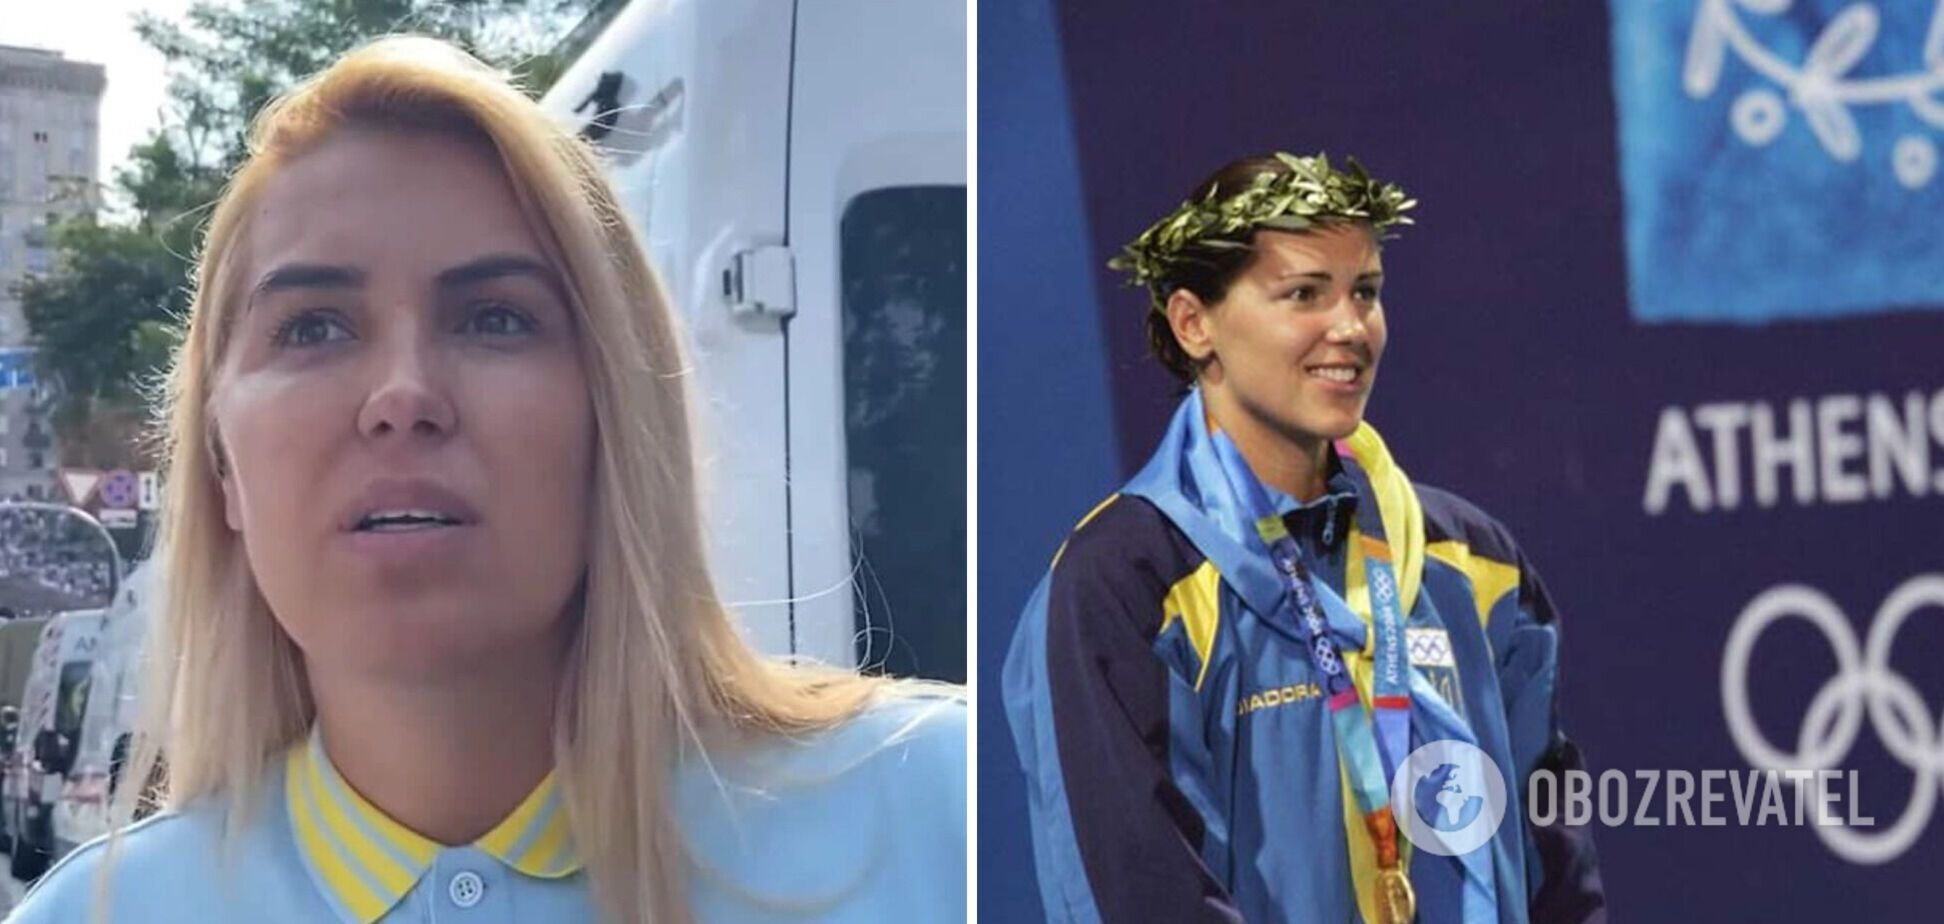 Пропонували змінити громадянство: Клочкова поскаржилася, що її не запросили на святкування Дня Незалежності України